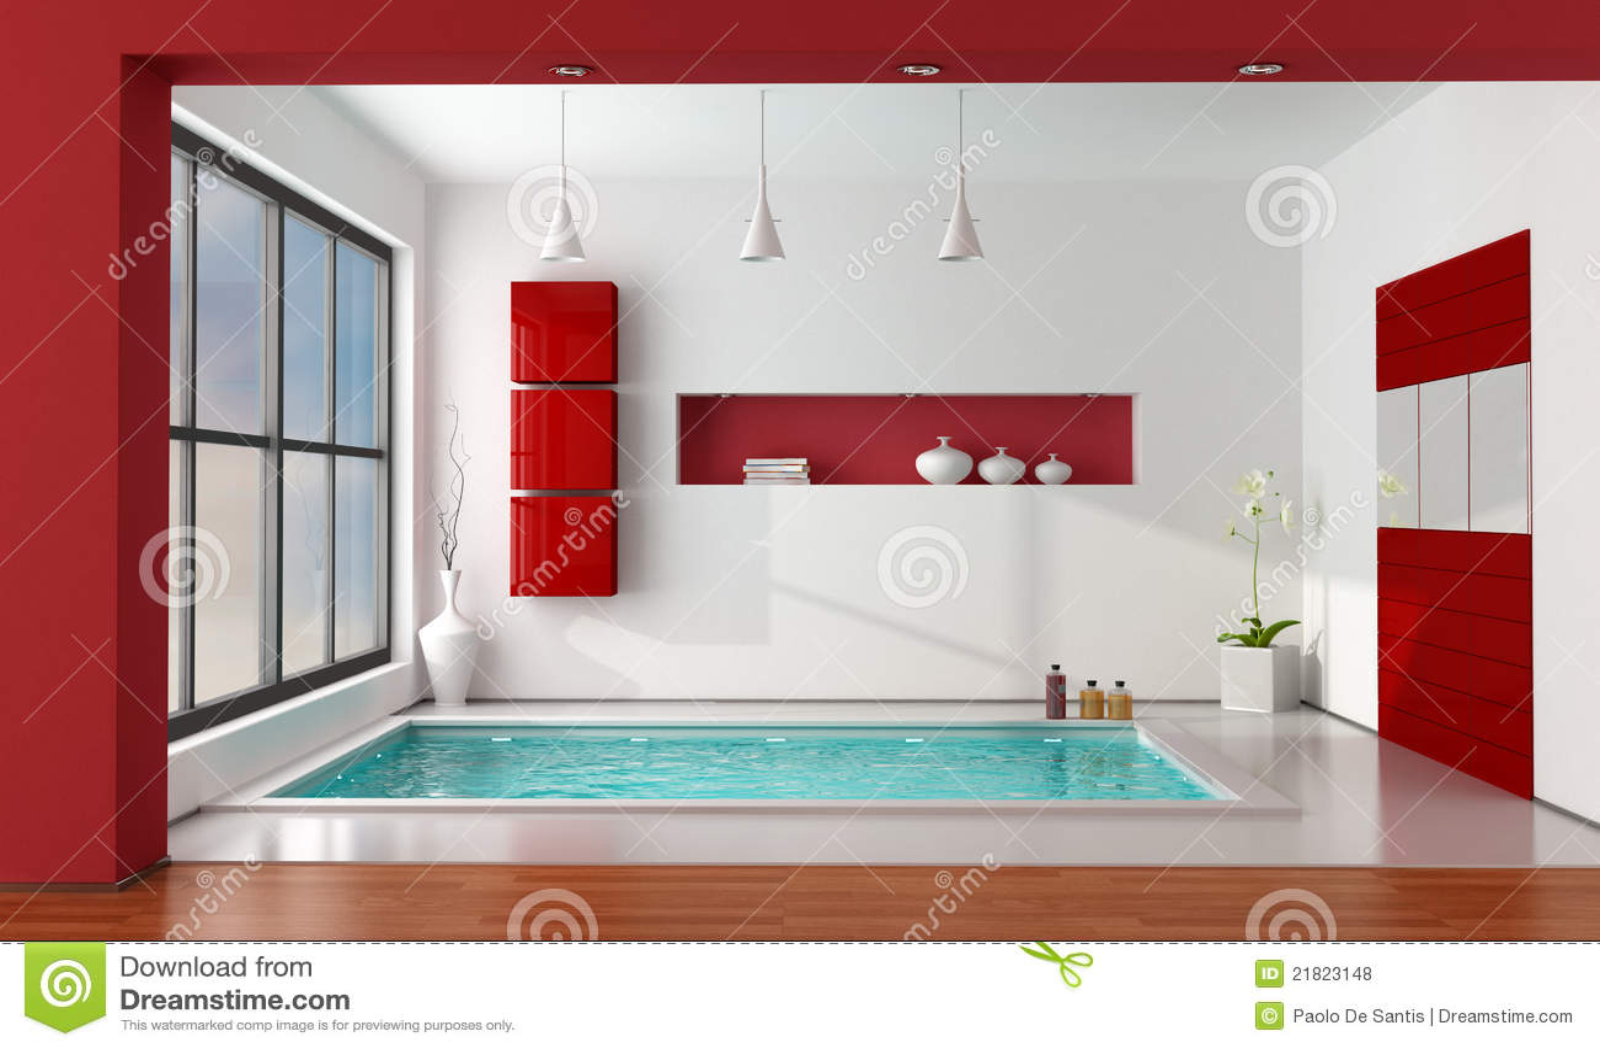 Salle de bain de luxe photo avec plus de clarté fonds d'écran ...